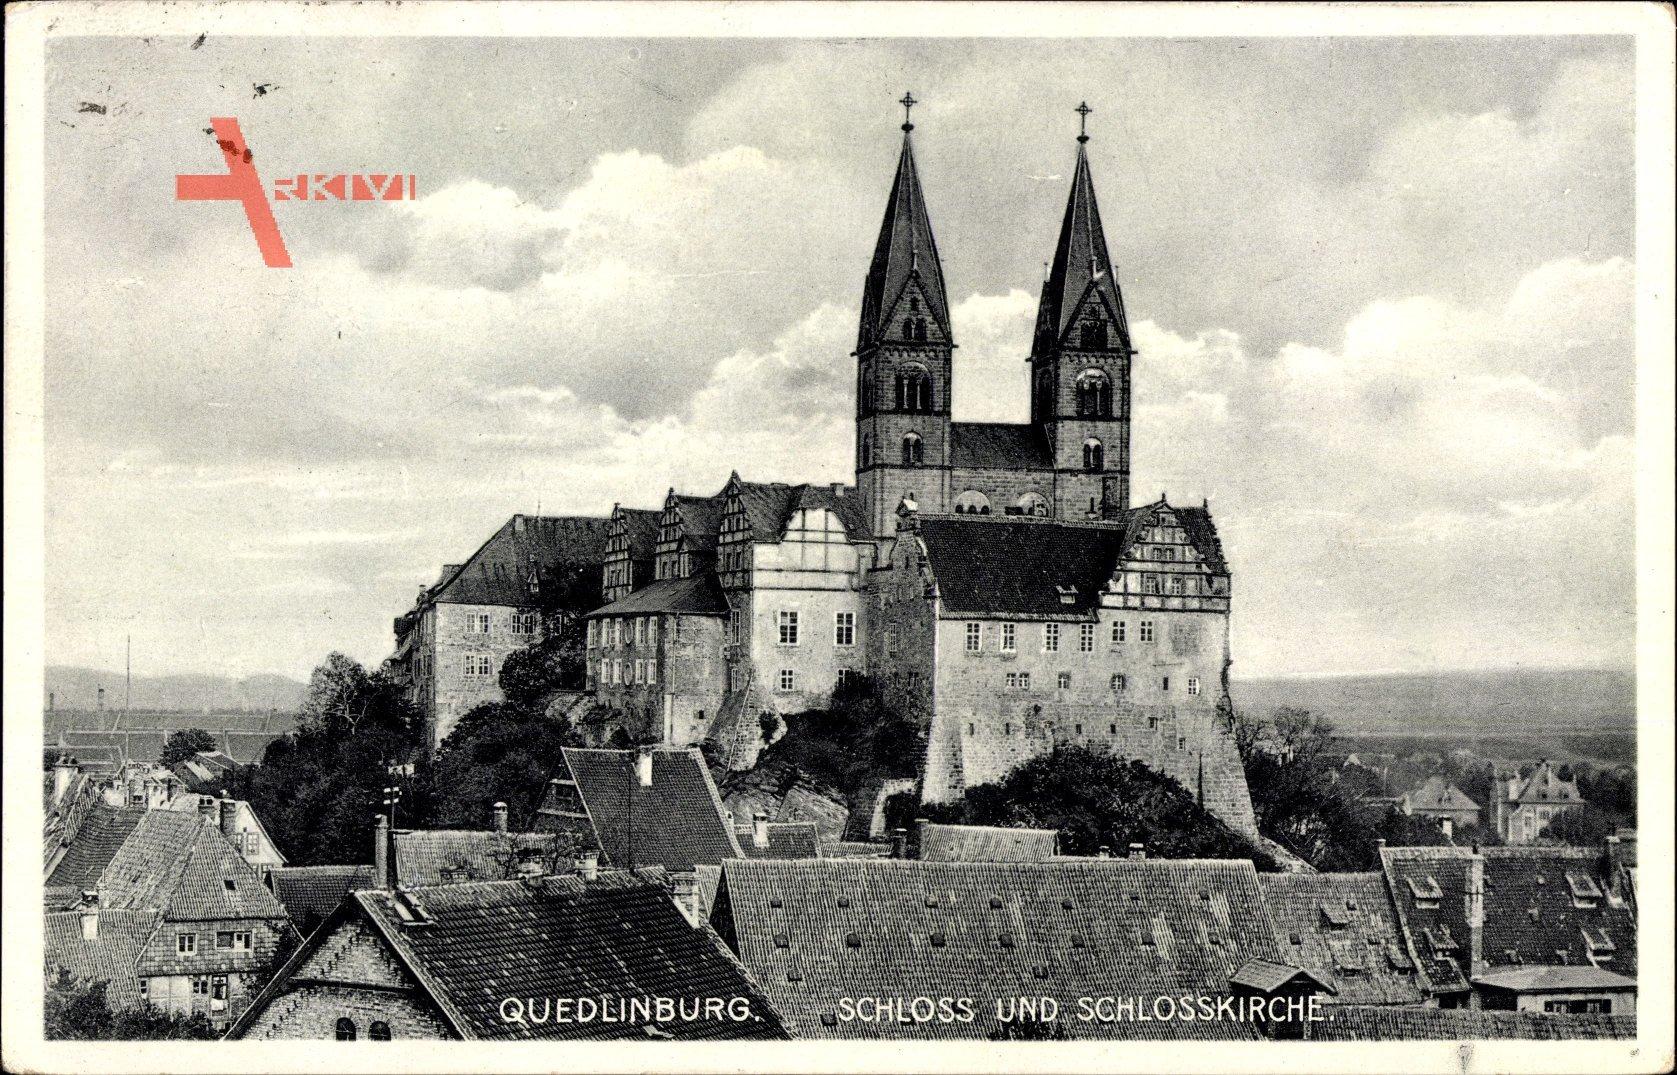 Quedlinburg im Harz, Blick über Dächer auf Schloss und Schlosskirche